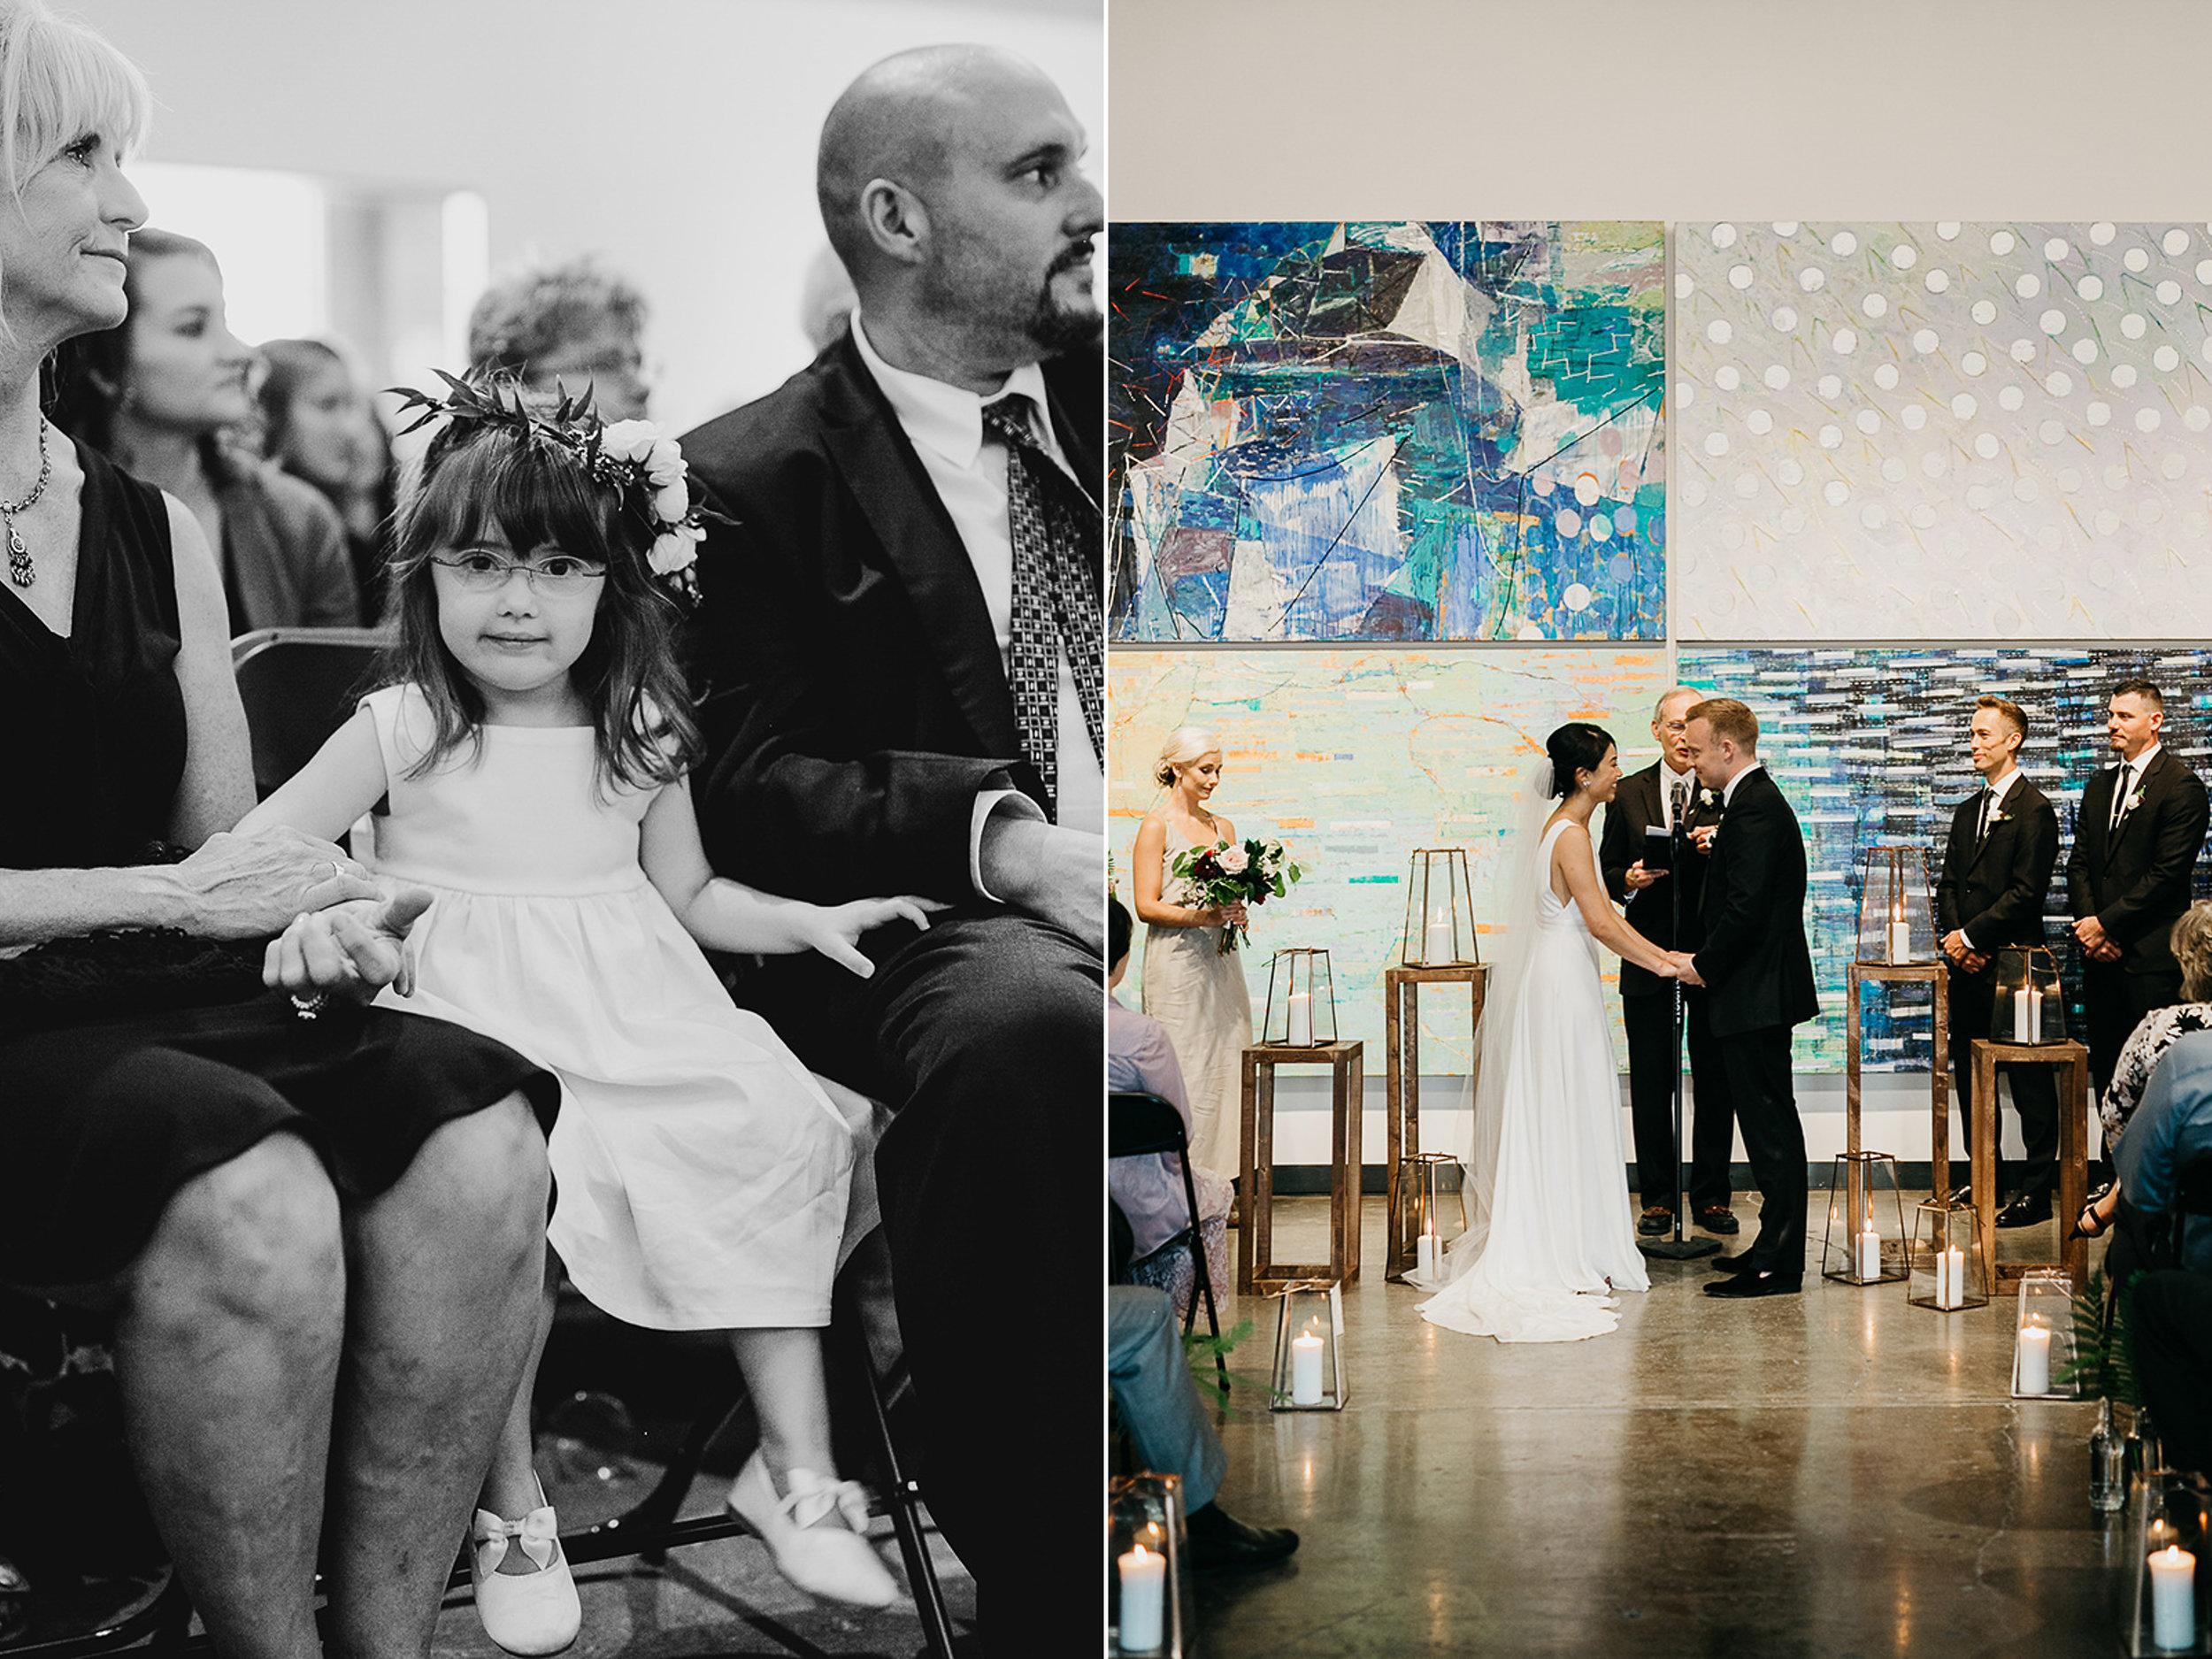 Walla walla - washington - wedding - photographer019.jpg